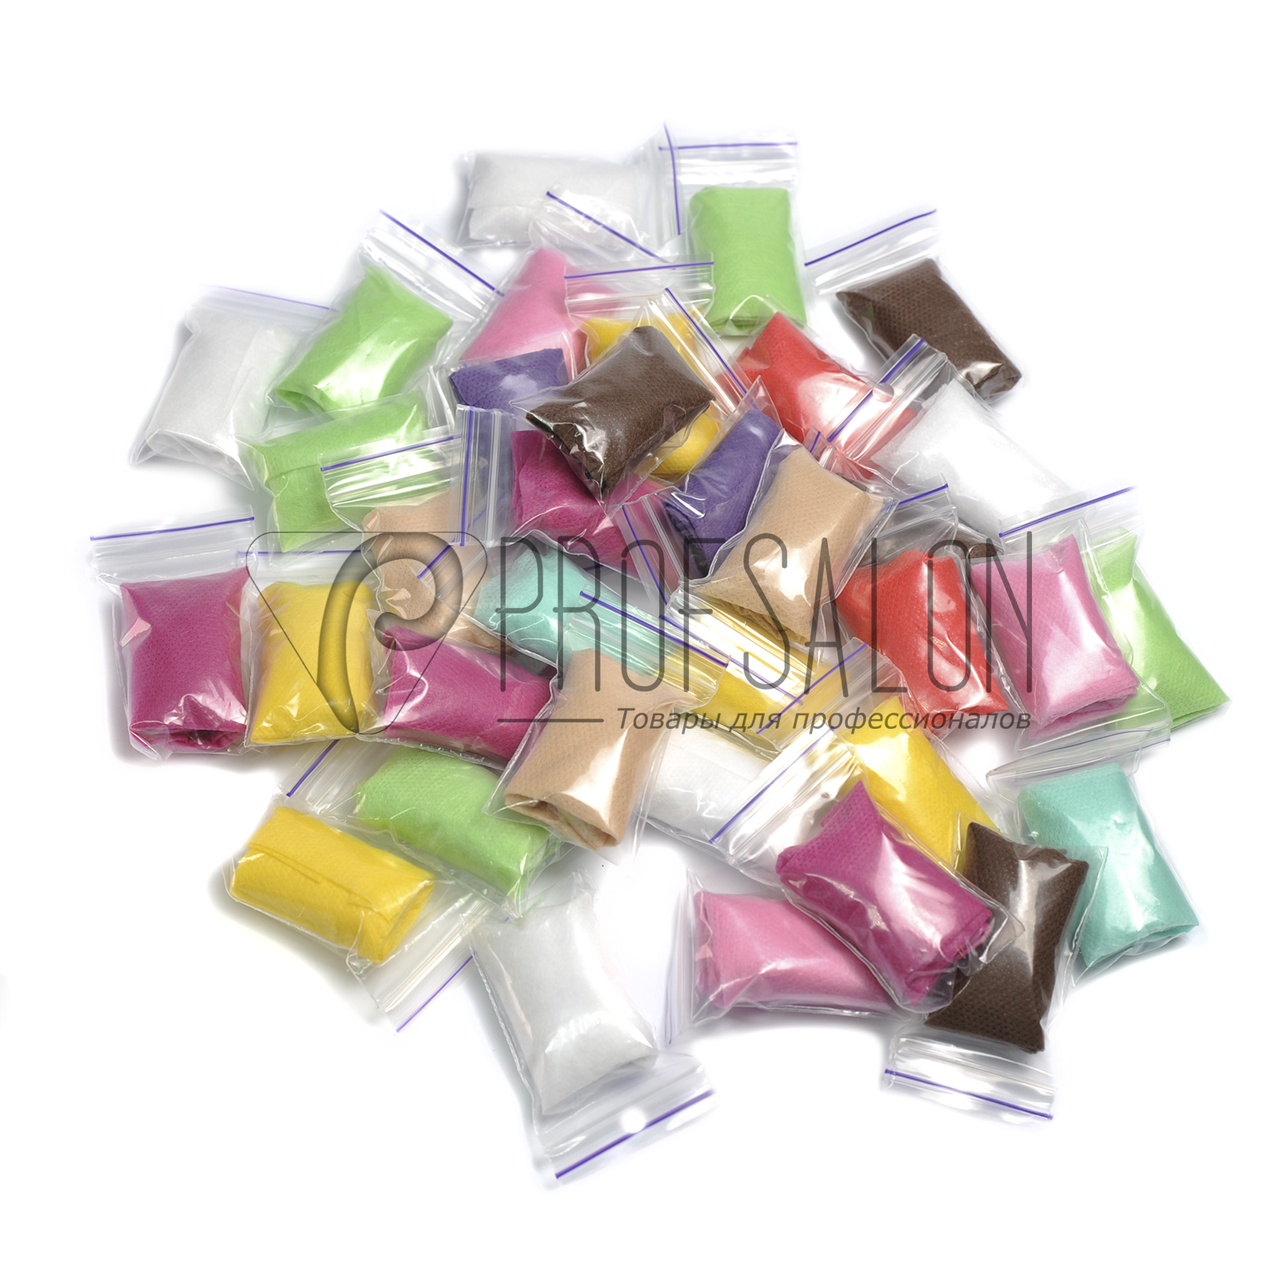 Трусики стринги одноразовые женские для процедур 50 шт (розовые)